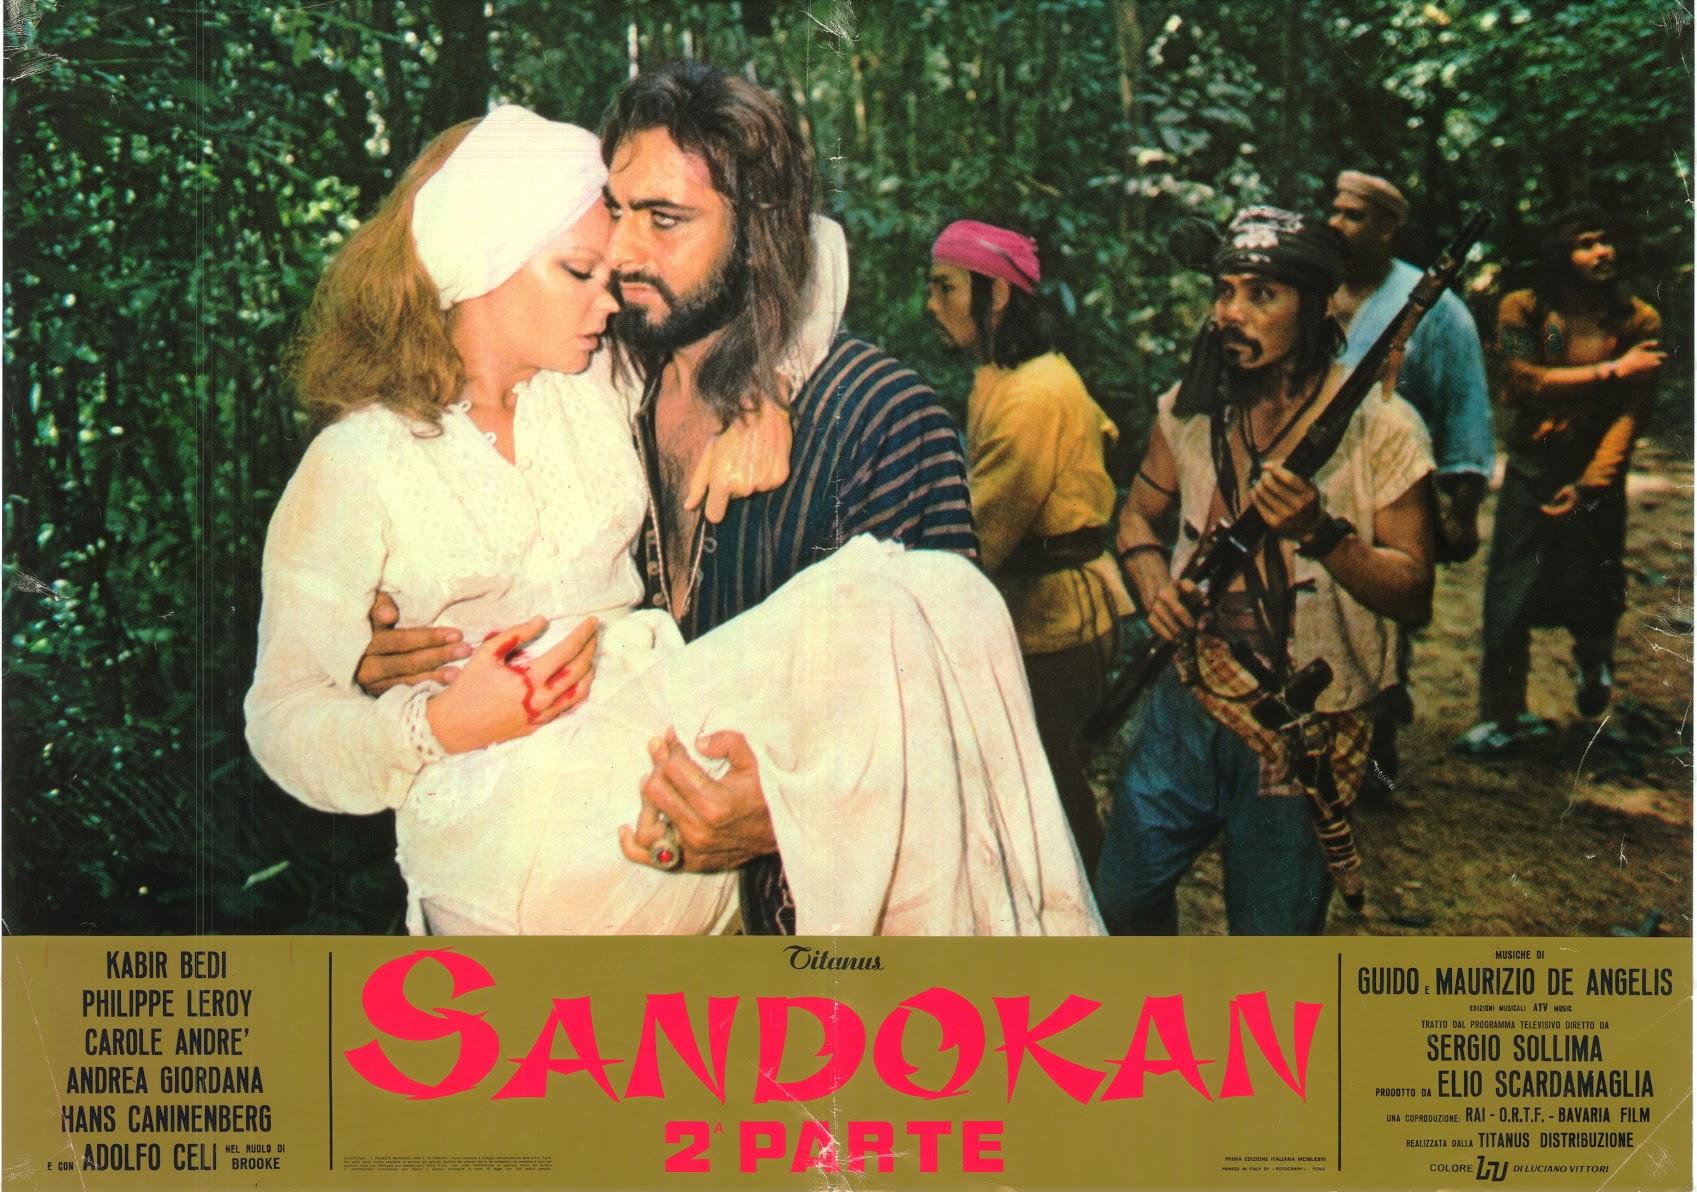 POSTER SANDOKAN carrying MARIANNA 1